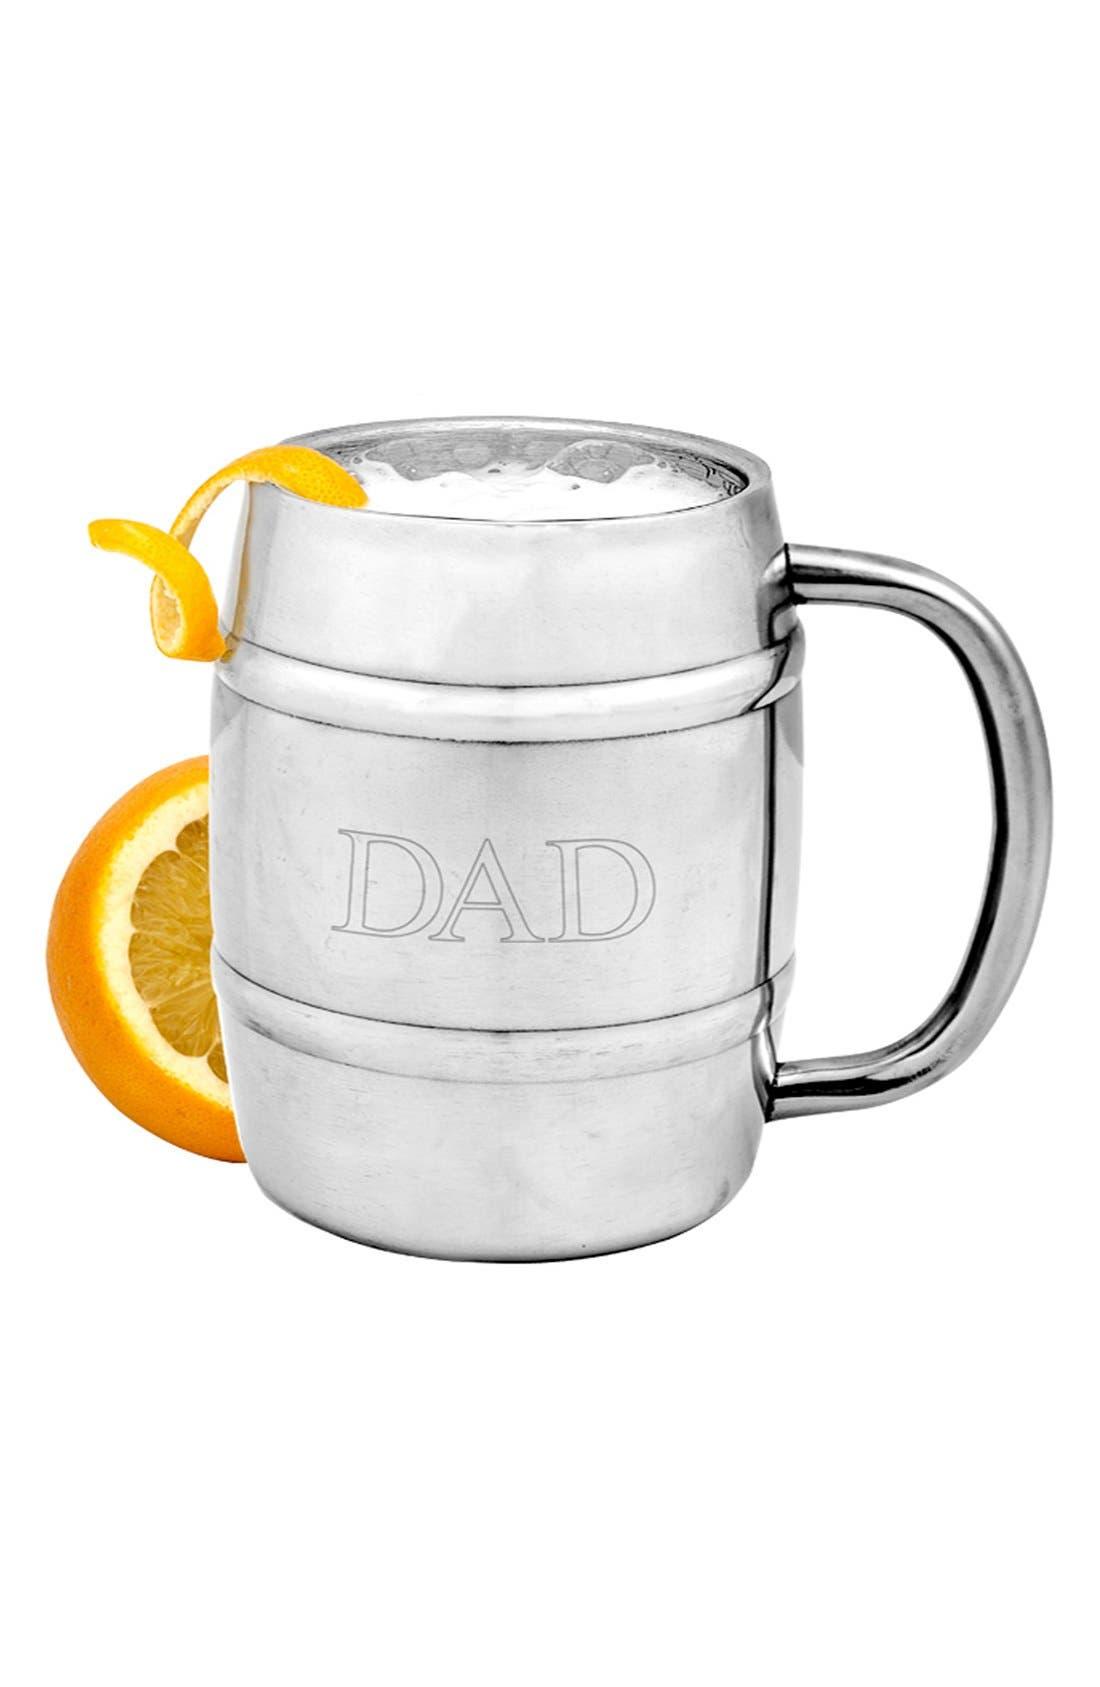 CATHY'S CONCEPTS 'Dad' Keg Mug, Main, color, 040